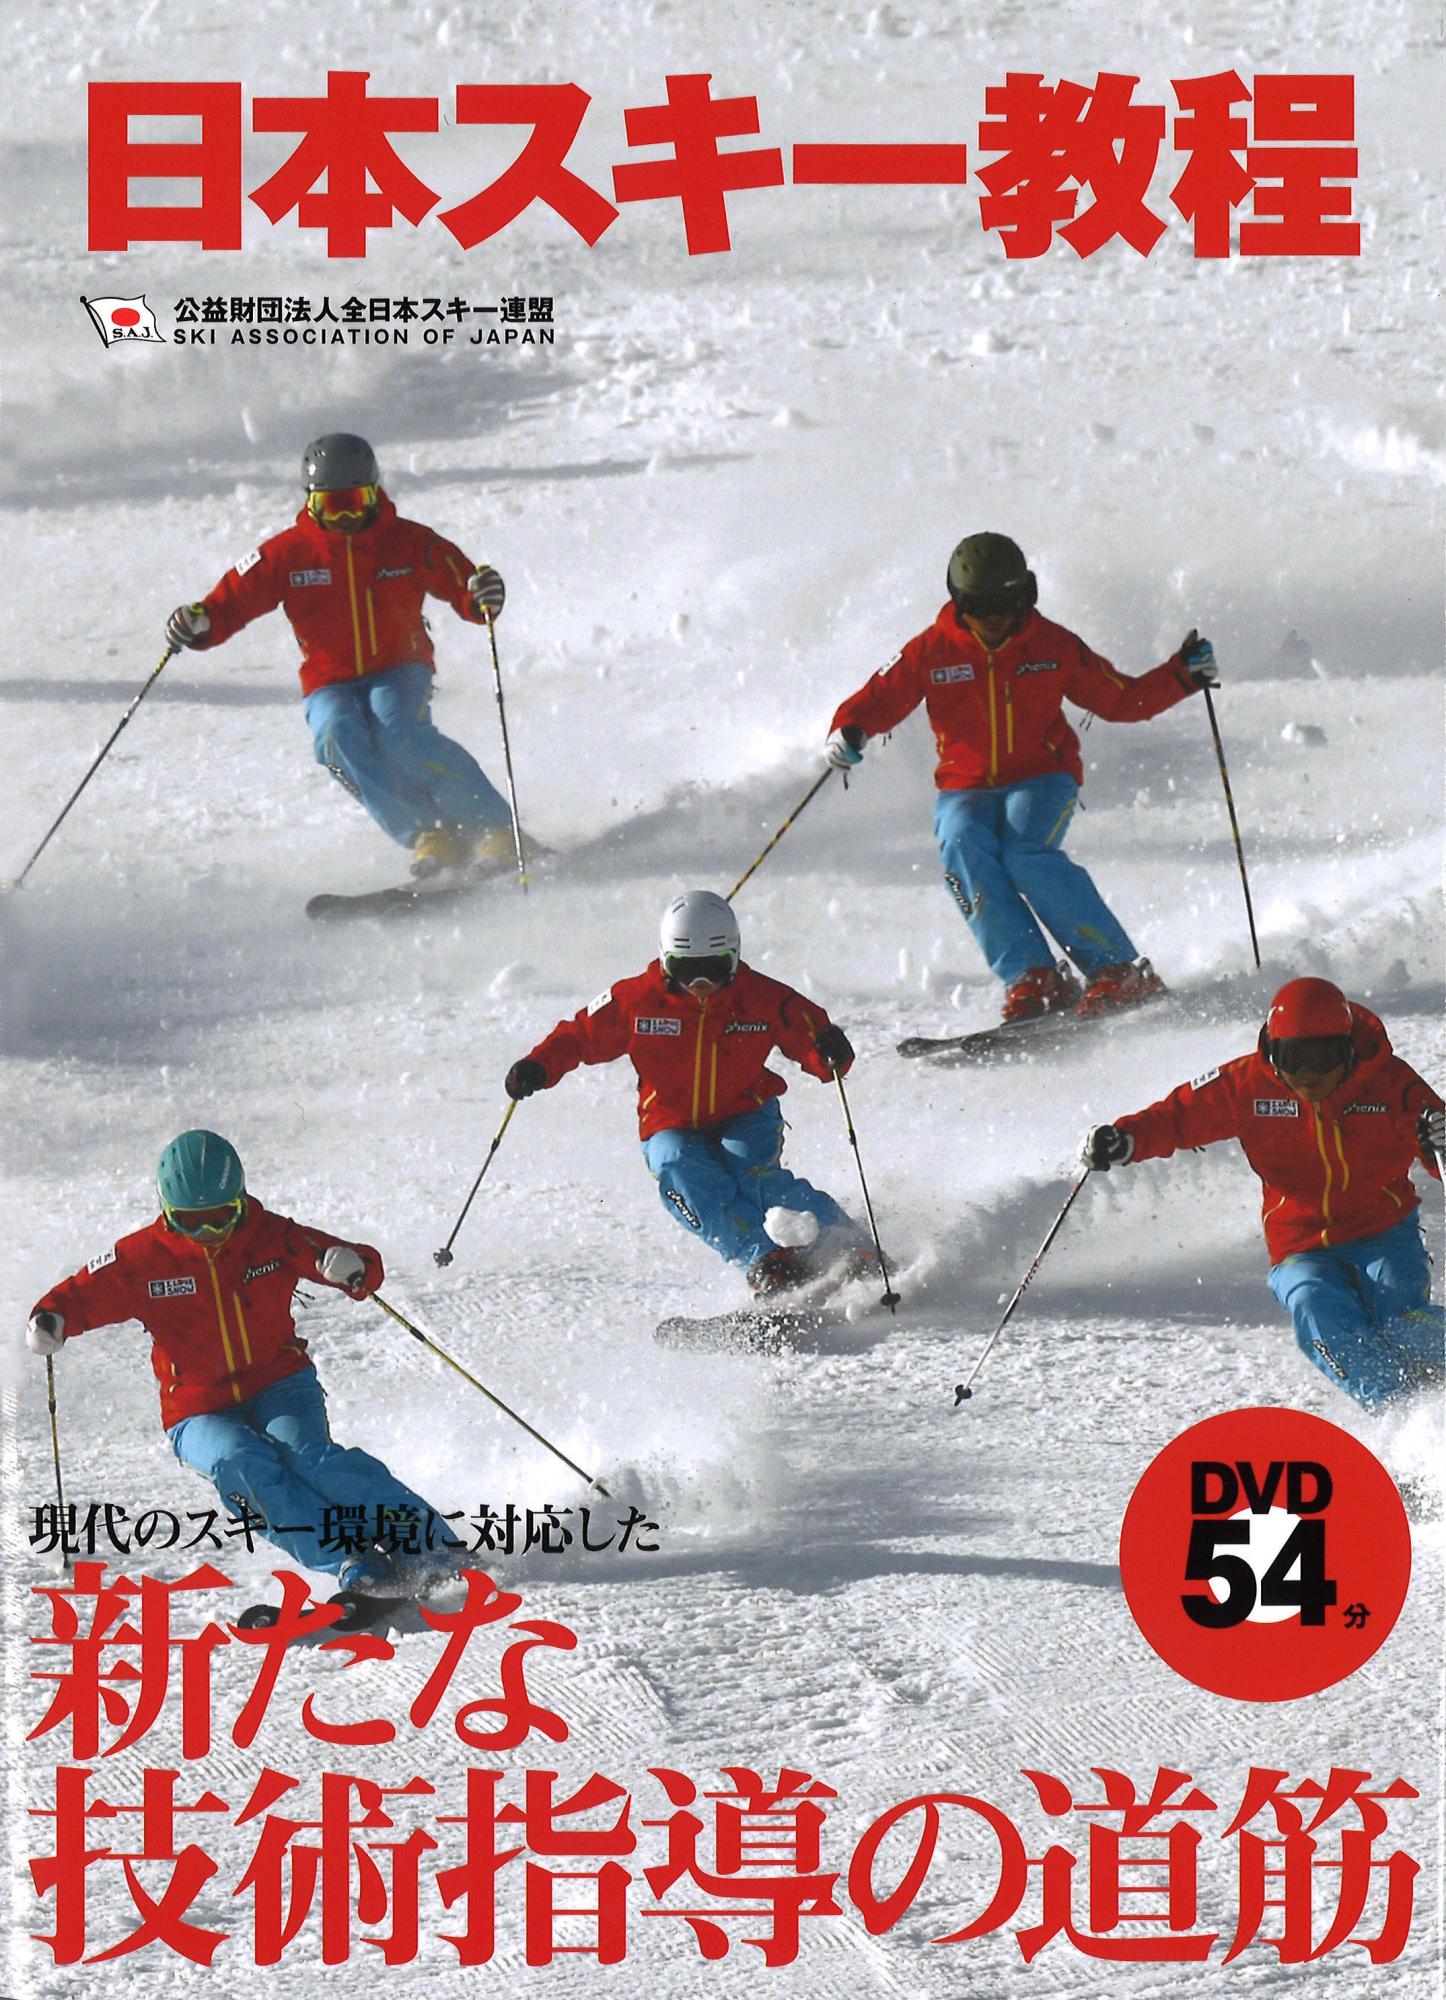 日本スキー教程_表紙_01